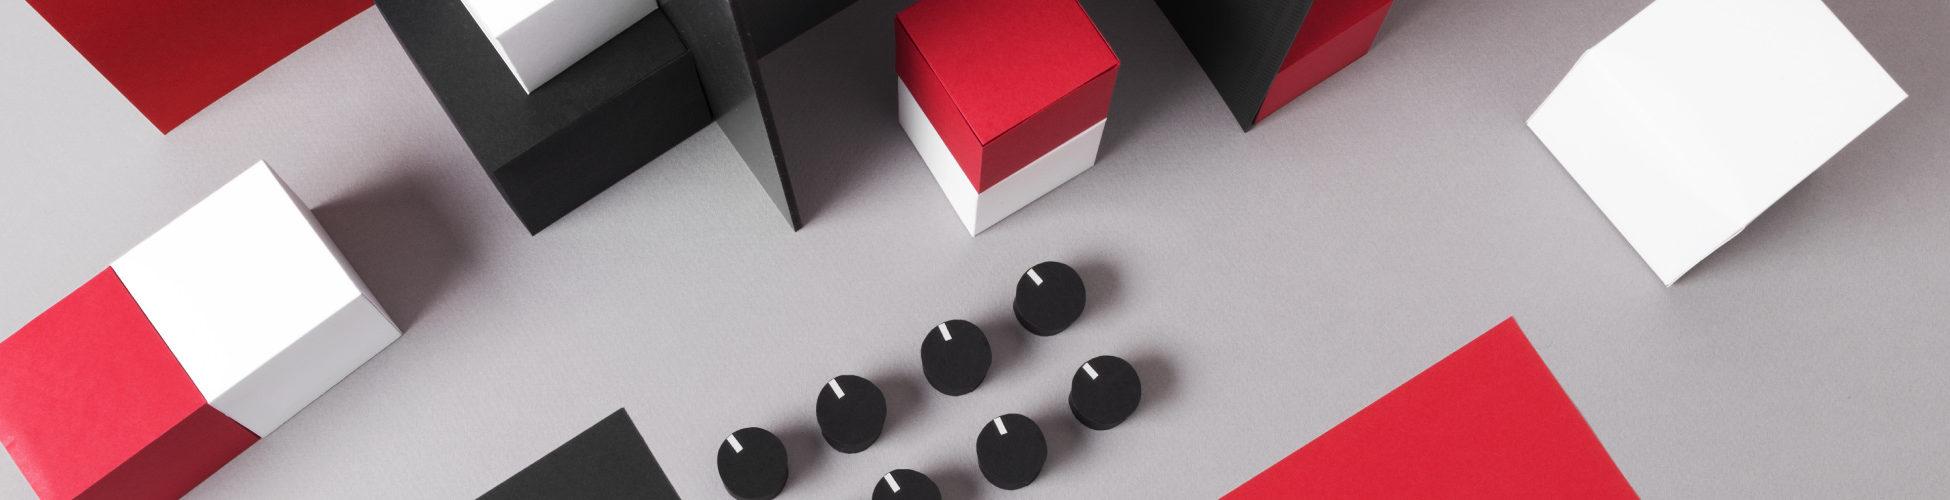 Portfolio agence de communication, branding, création de logo